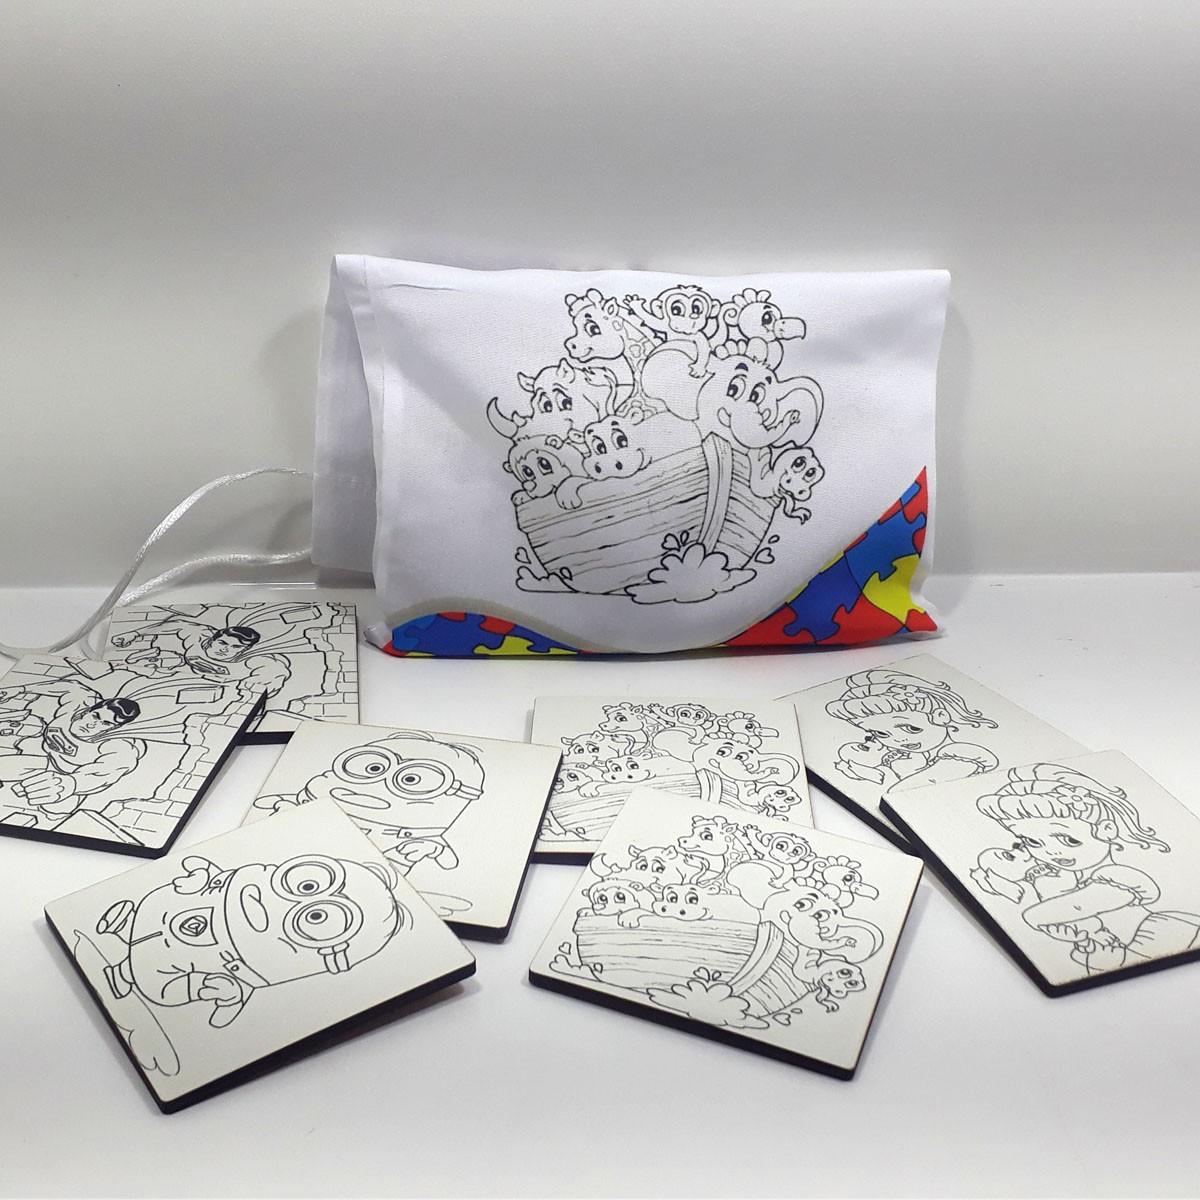 Kit Pintar Criativo – Jogo da Memória para Colorir com Caneta – KITPC-018